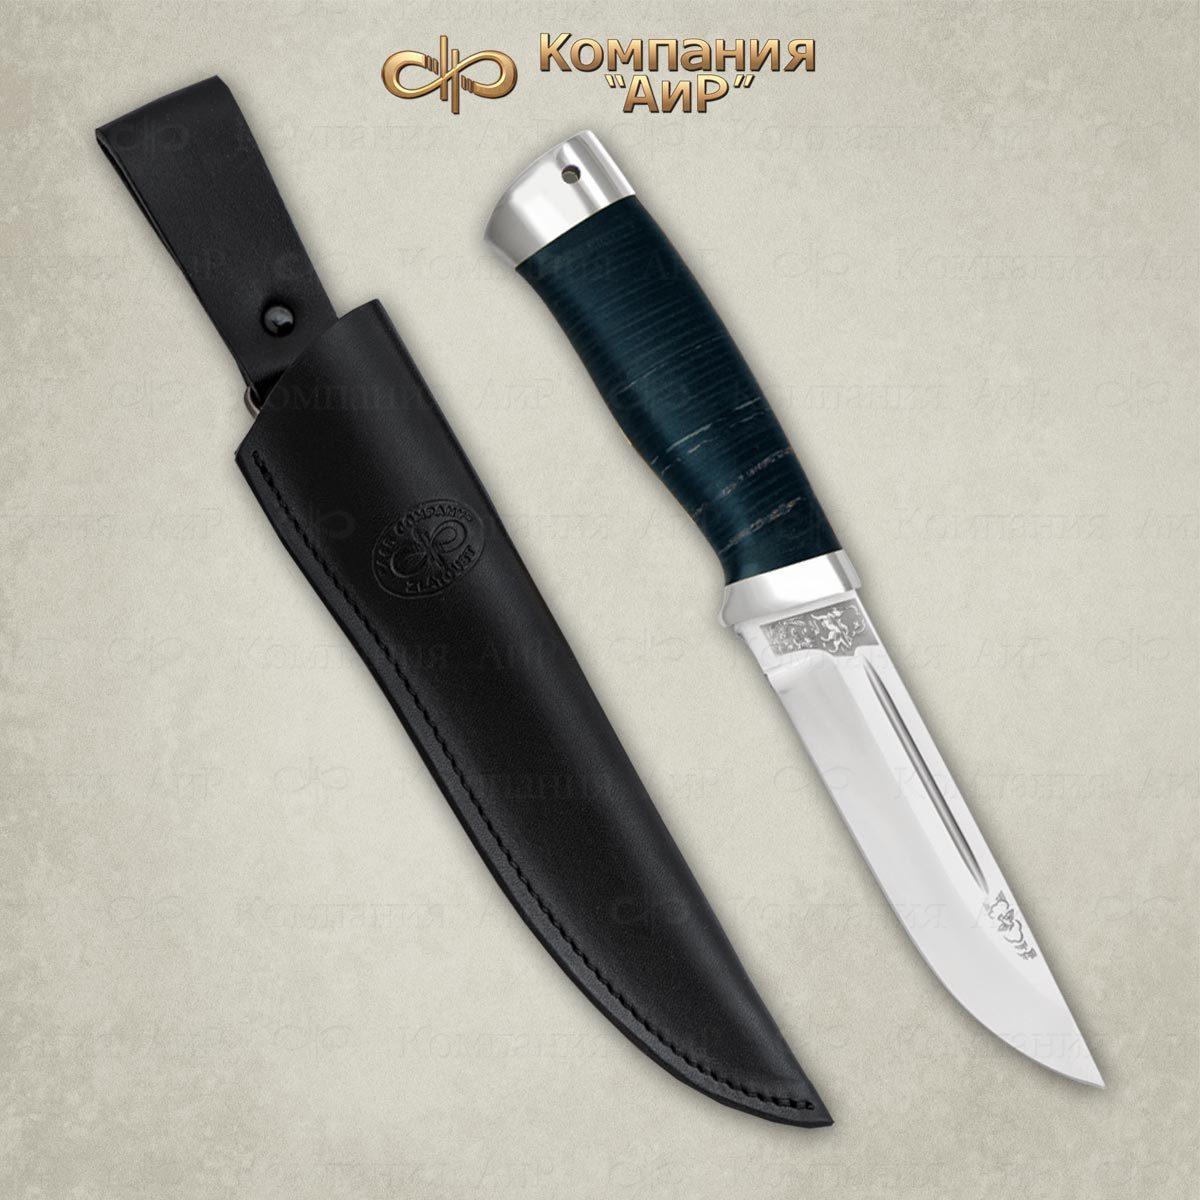 Нож АиР Бекас, сталь 95х18, рукоять кожа, алюминий нож бекас 95х18 орех аир